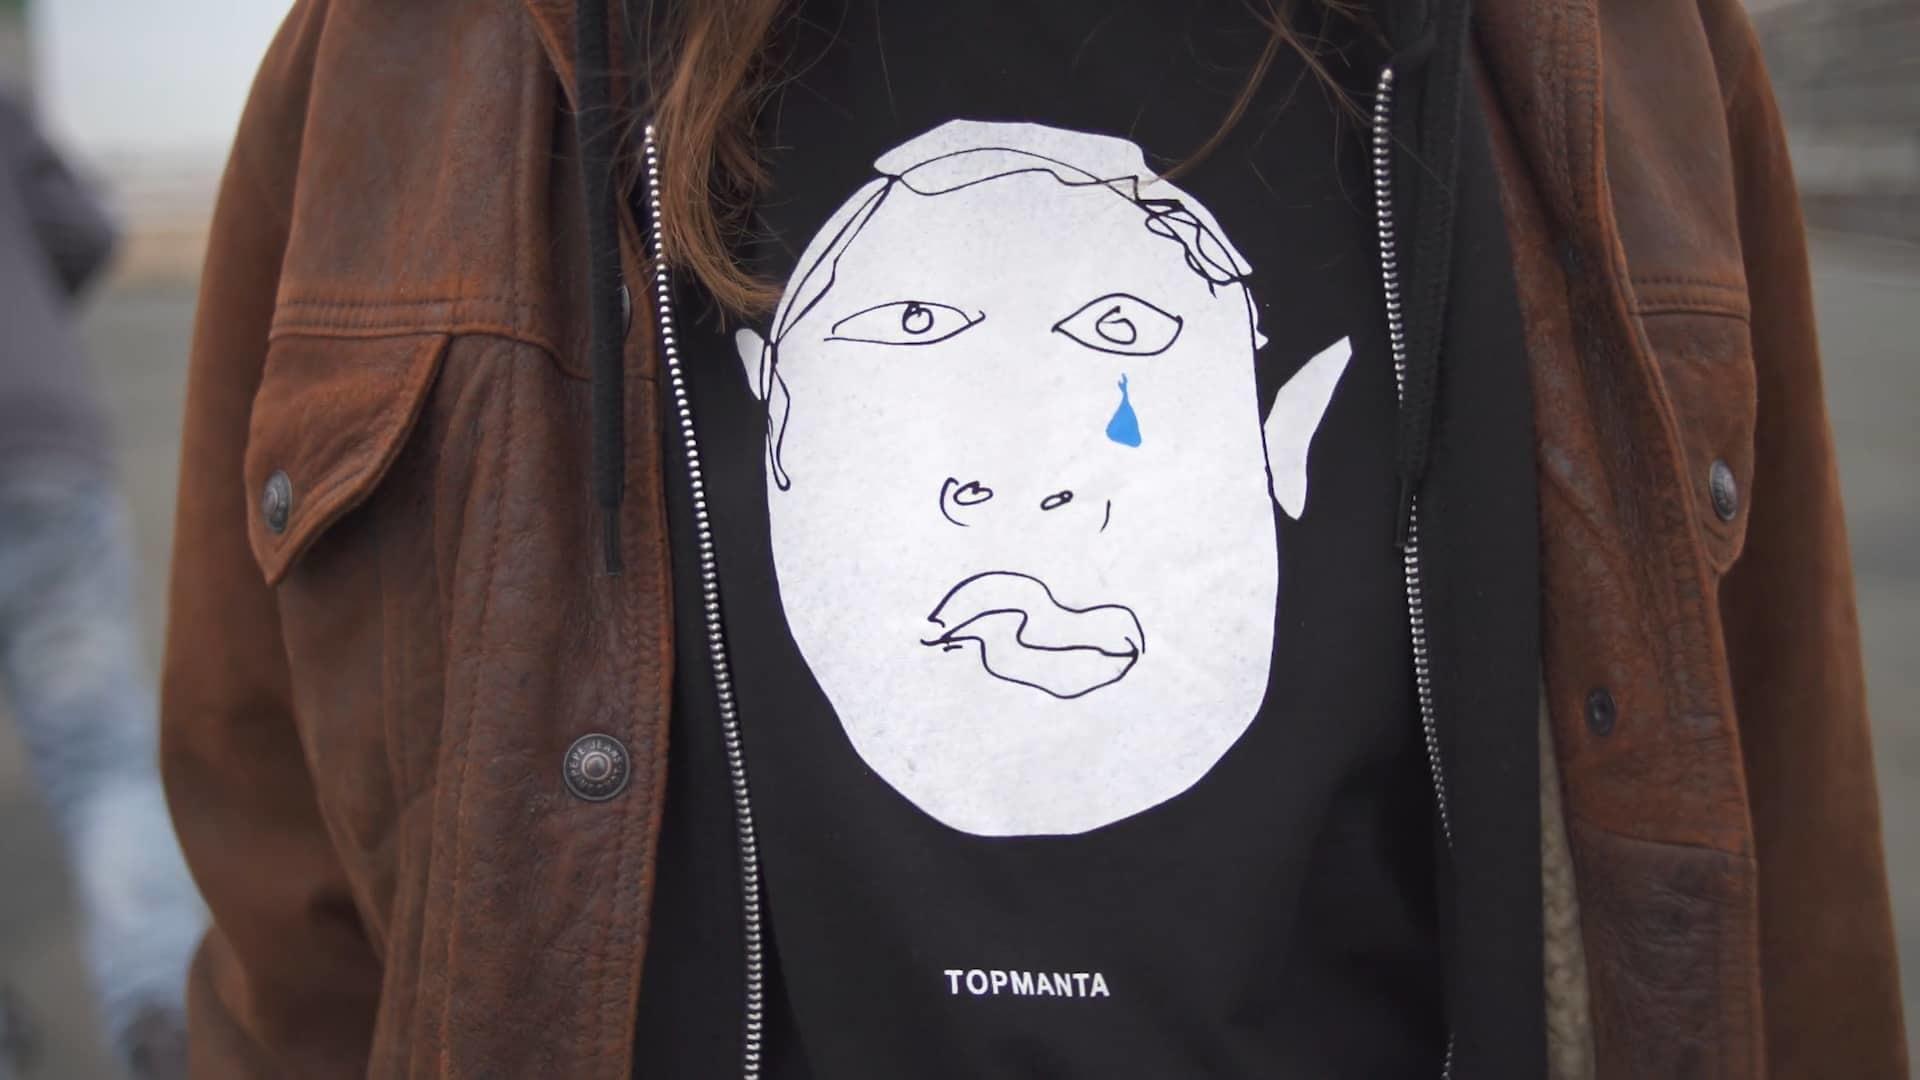 Top Manta